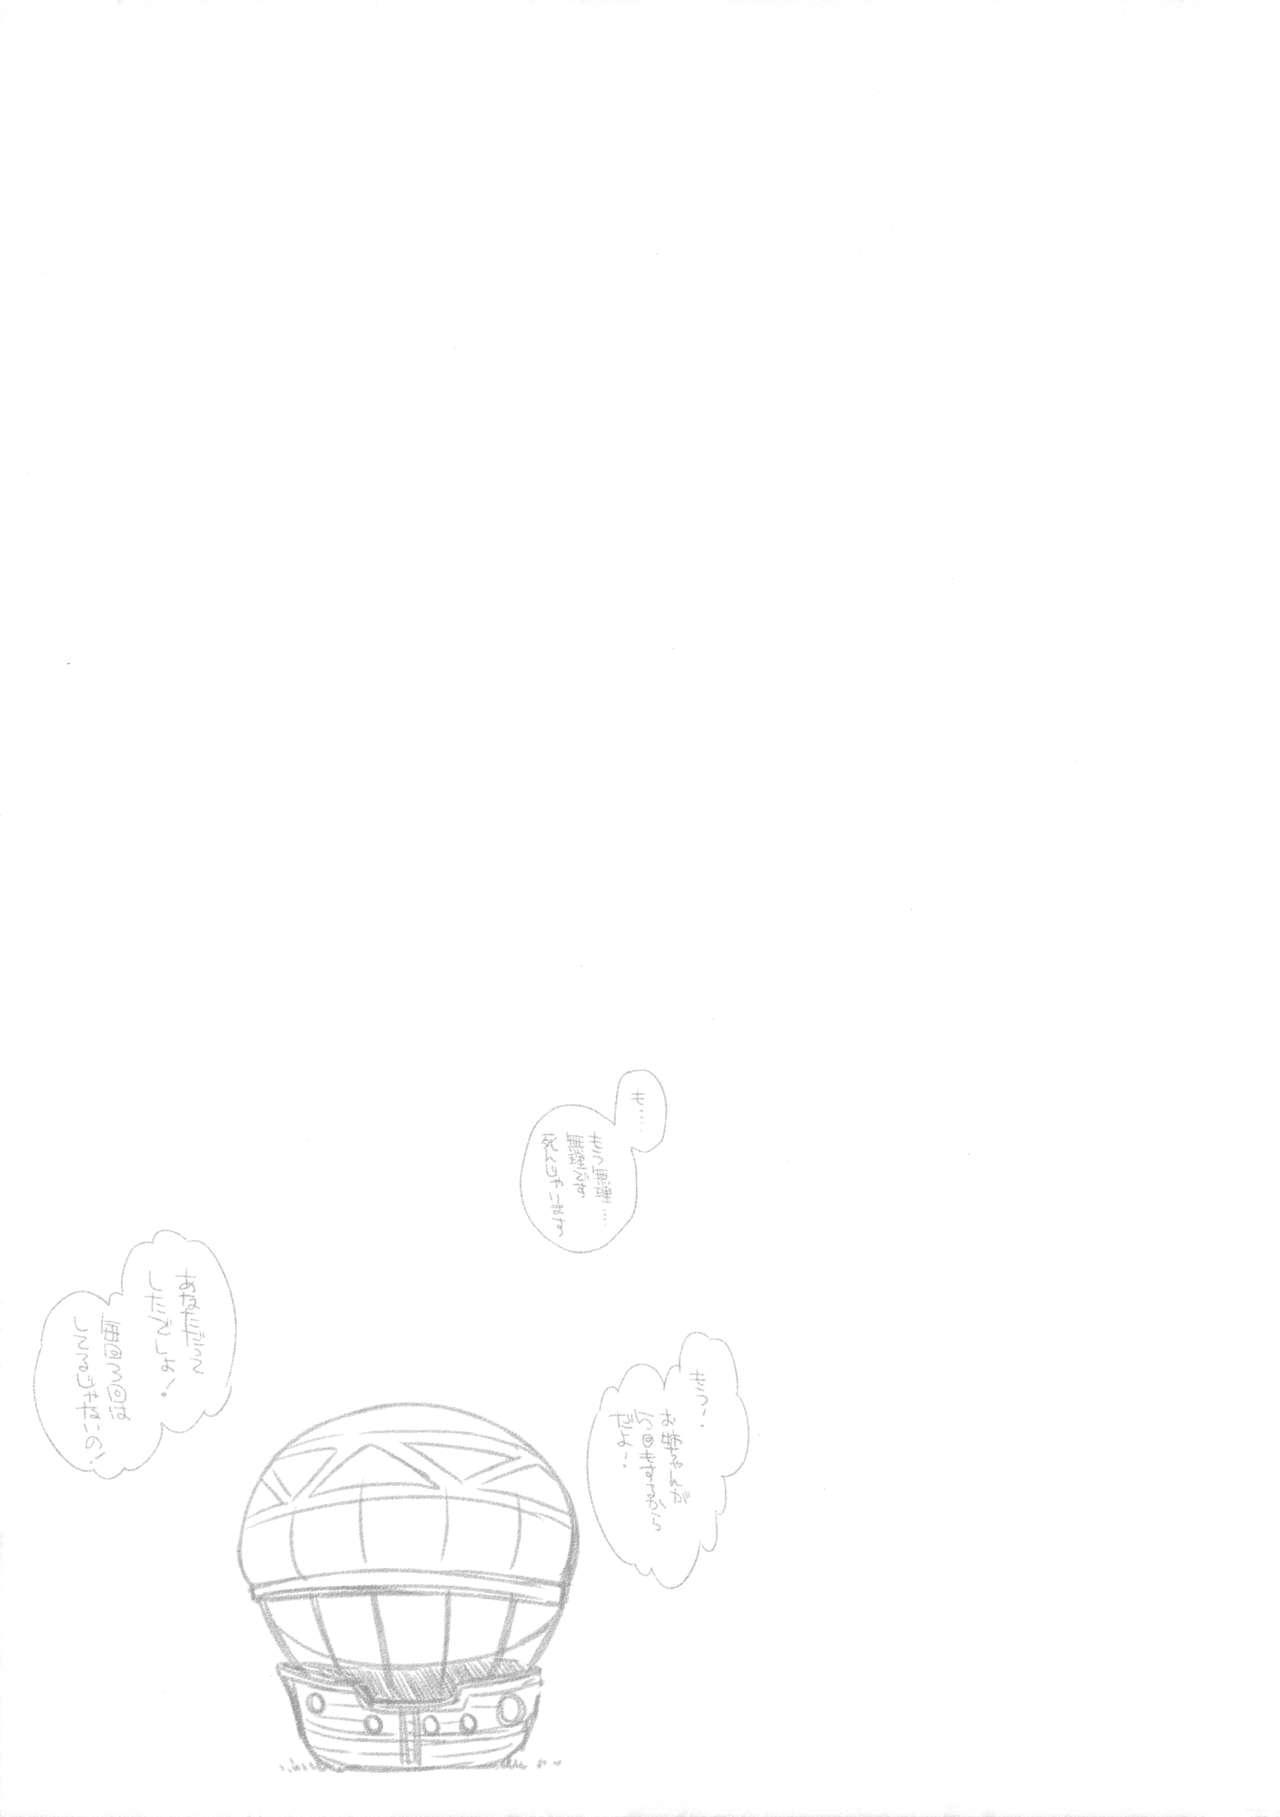 Sekaiju no Anone 26 37